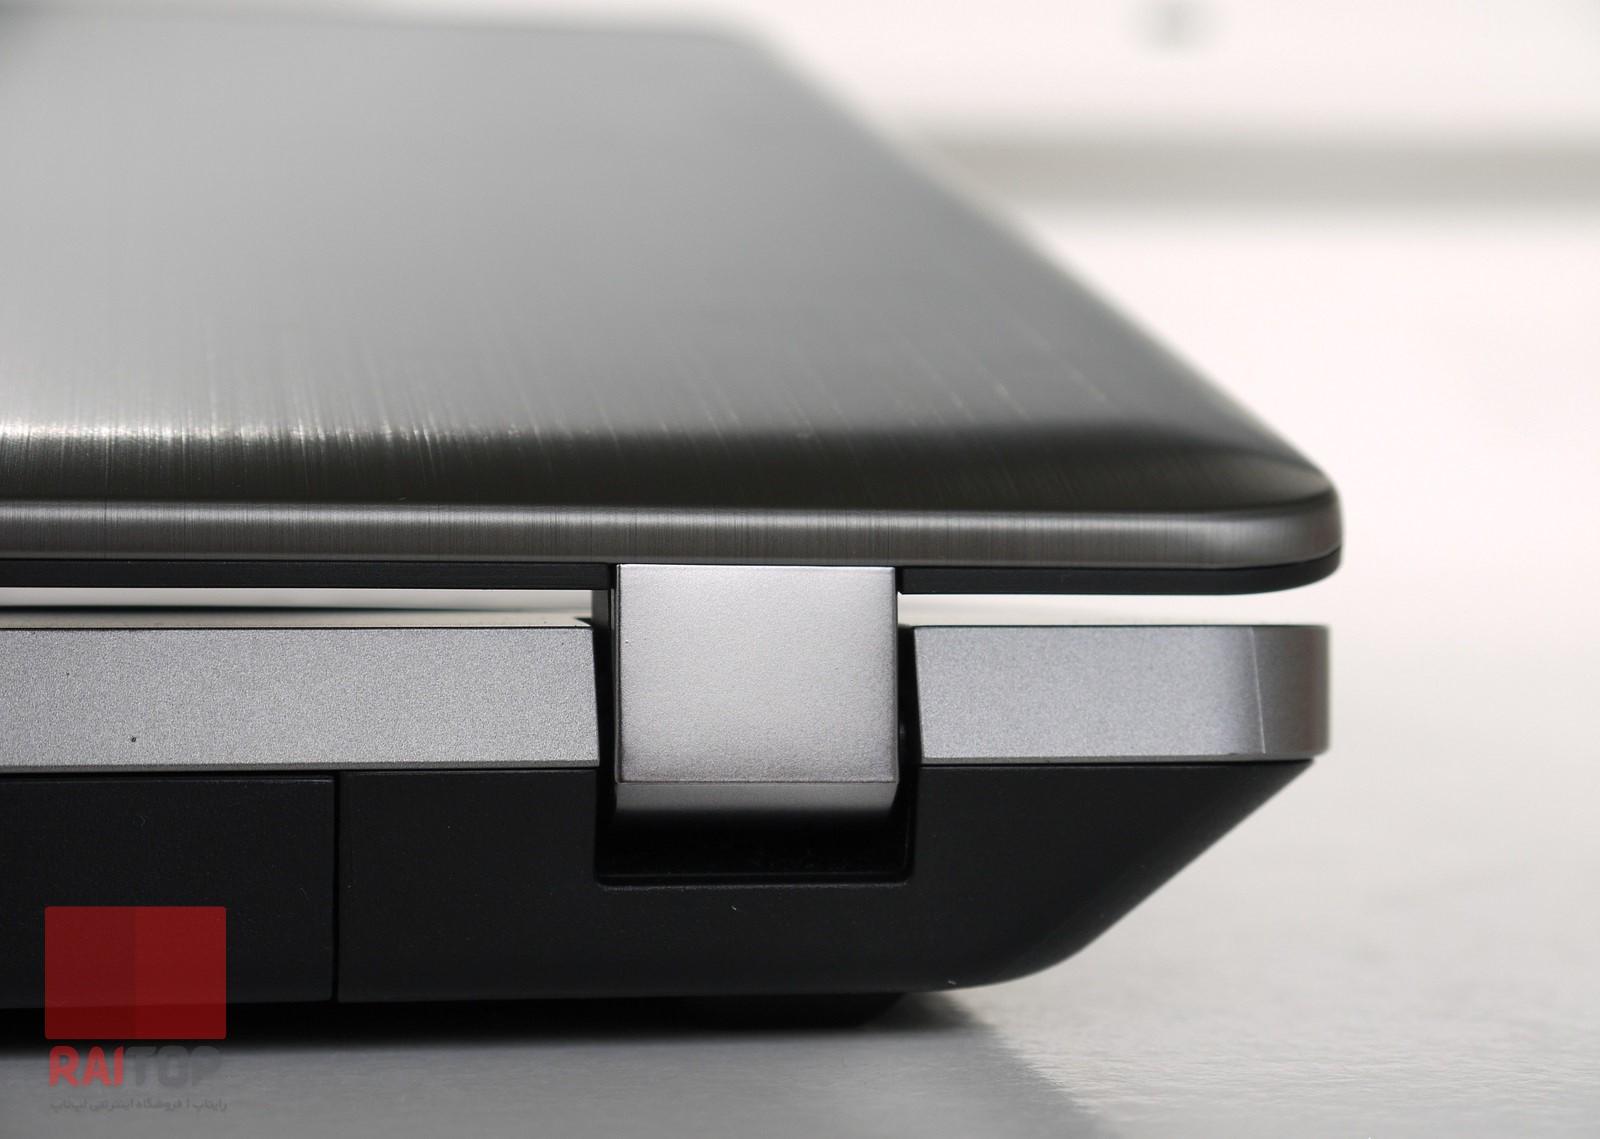 لپ تاپ استوک 17 اینچی HP مدل ProBook 4740s جنس بدنه